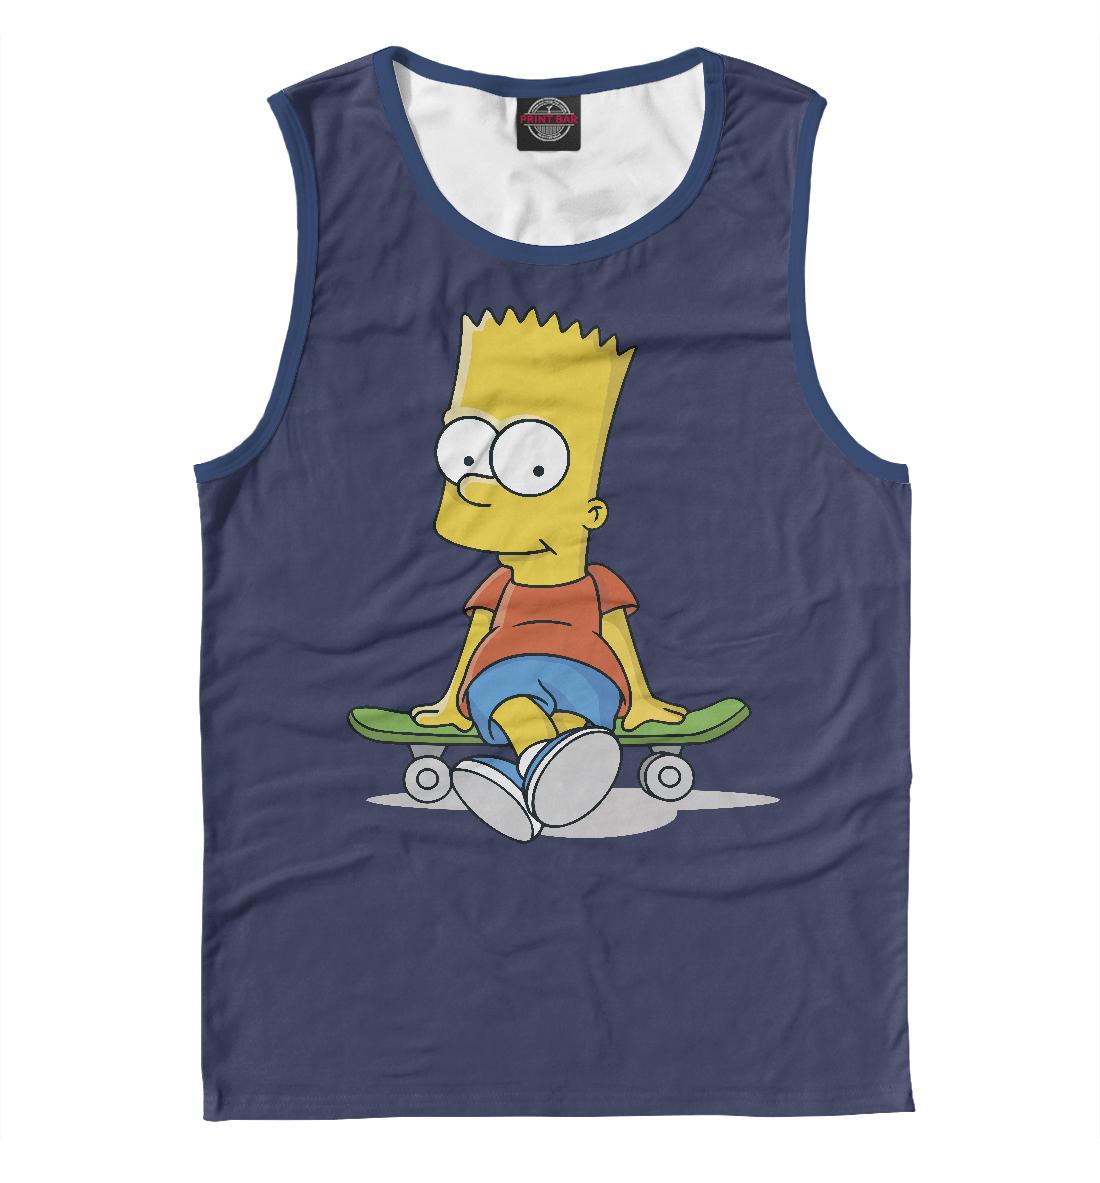 Купить Барт Симпсон, Printbar, Майки, SIM-164670-may-2